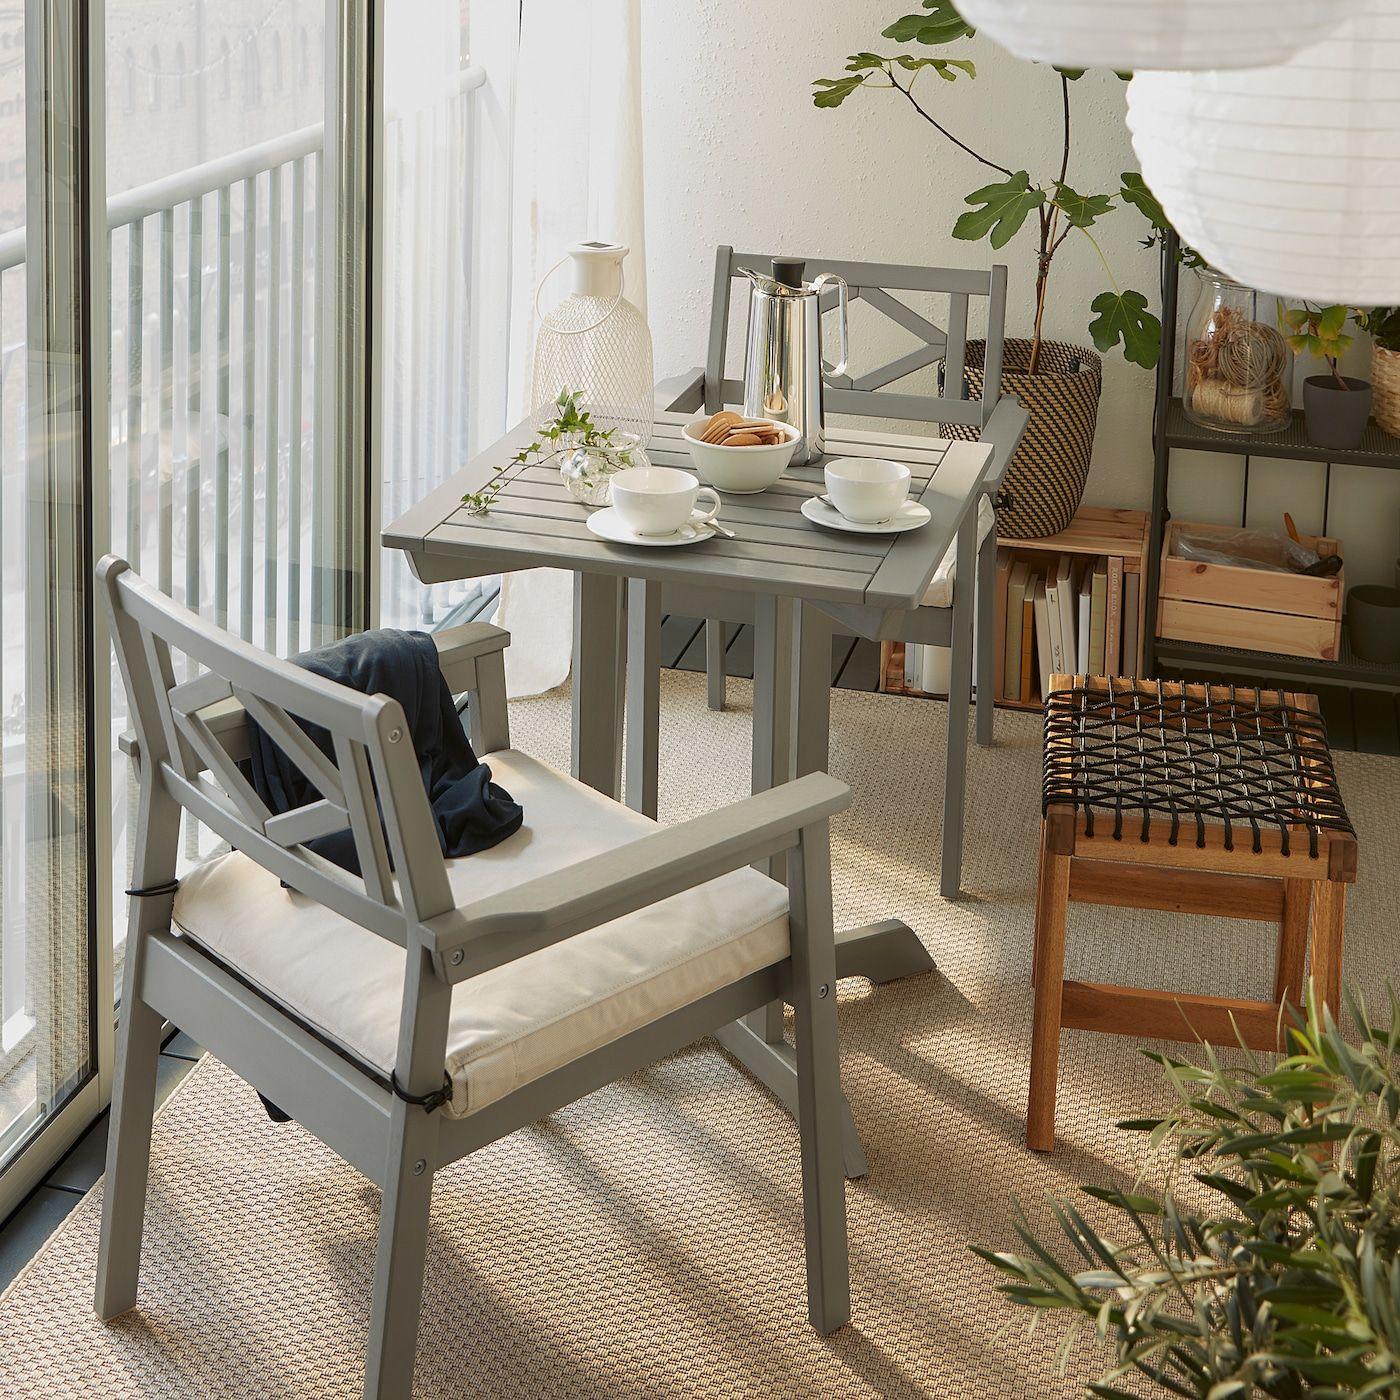 Bondholmen Stol 2 Krzesla Z Podl Ogrodowe Szara Bejca Dodaj